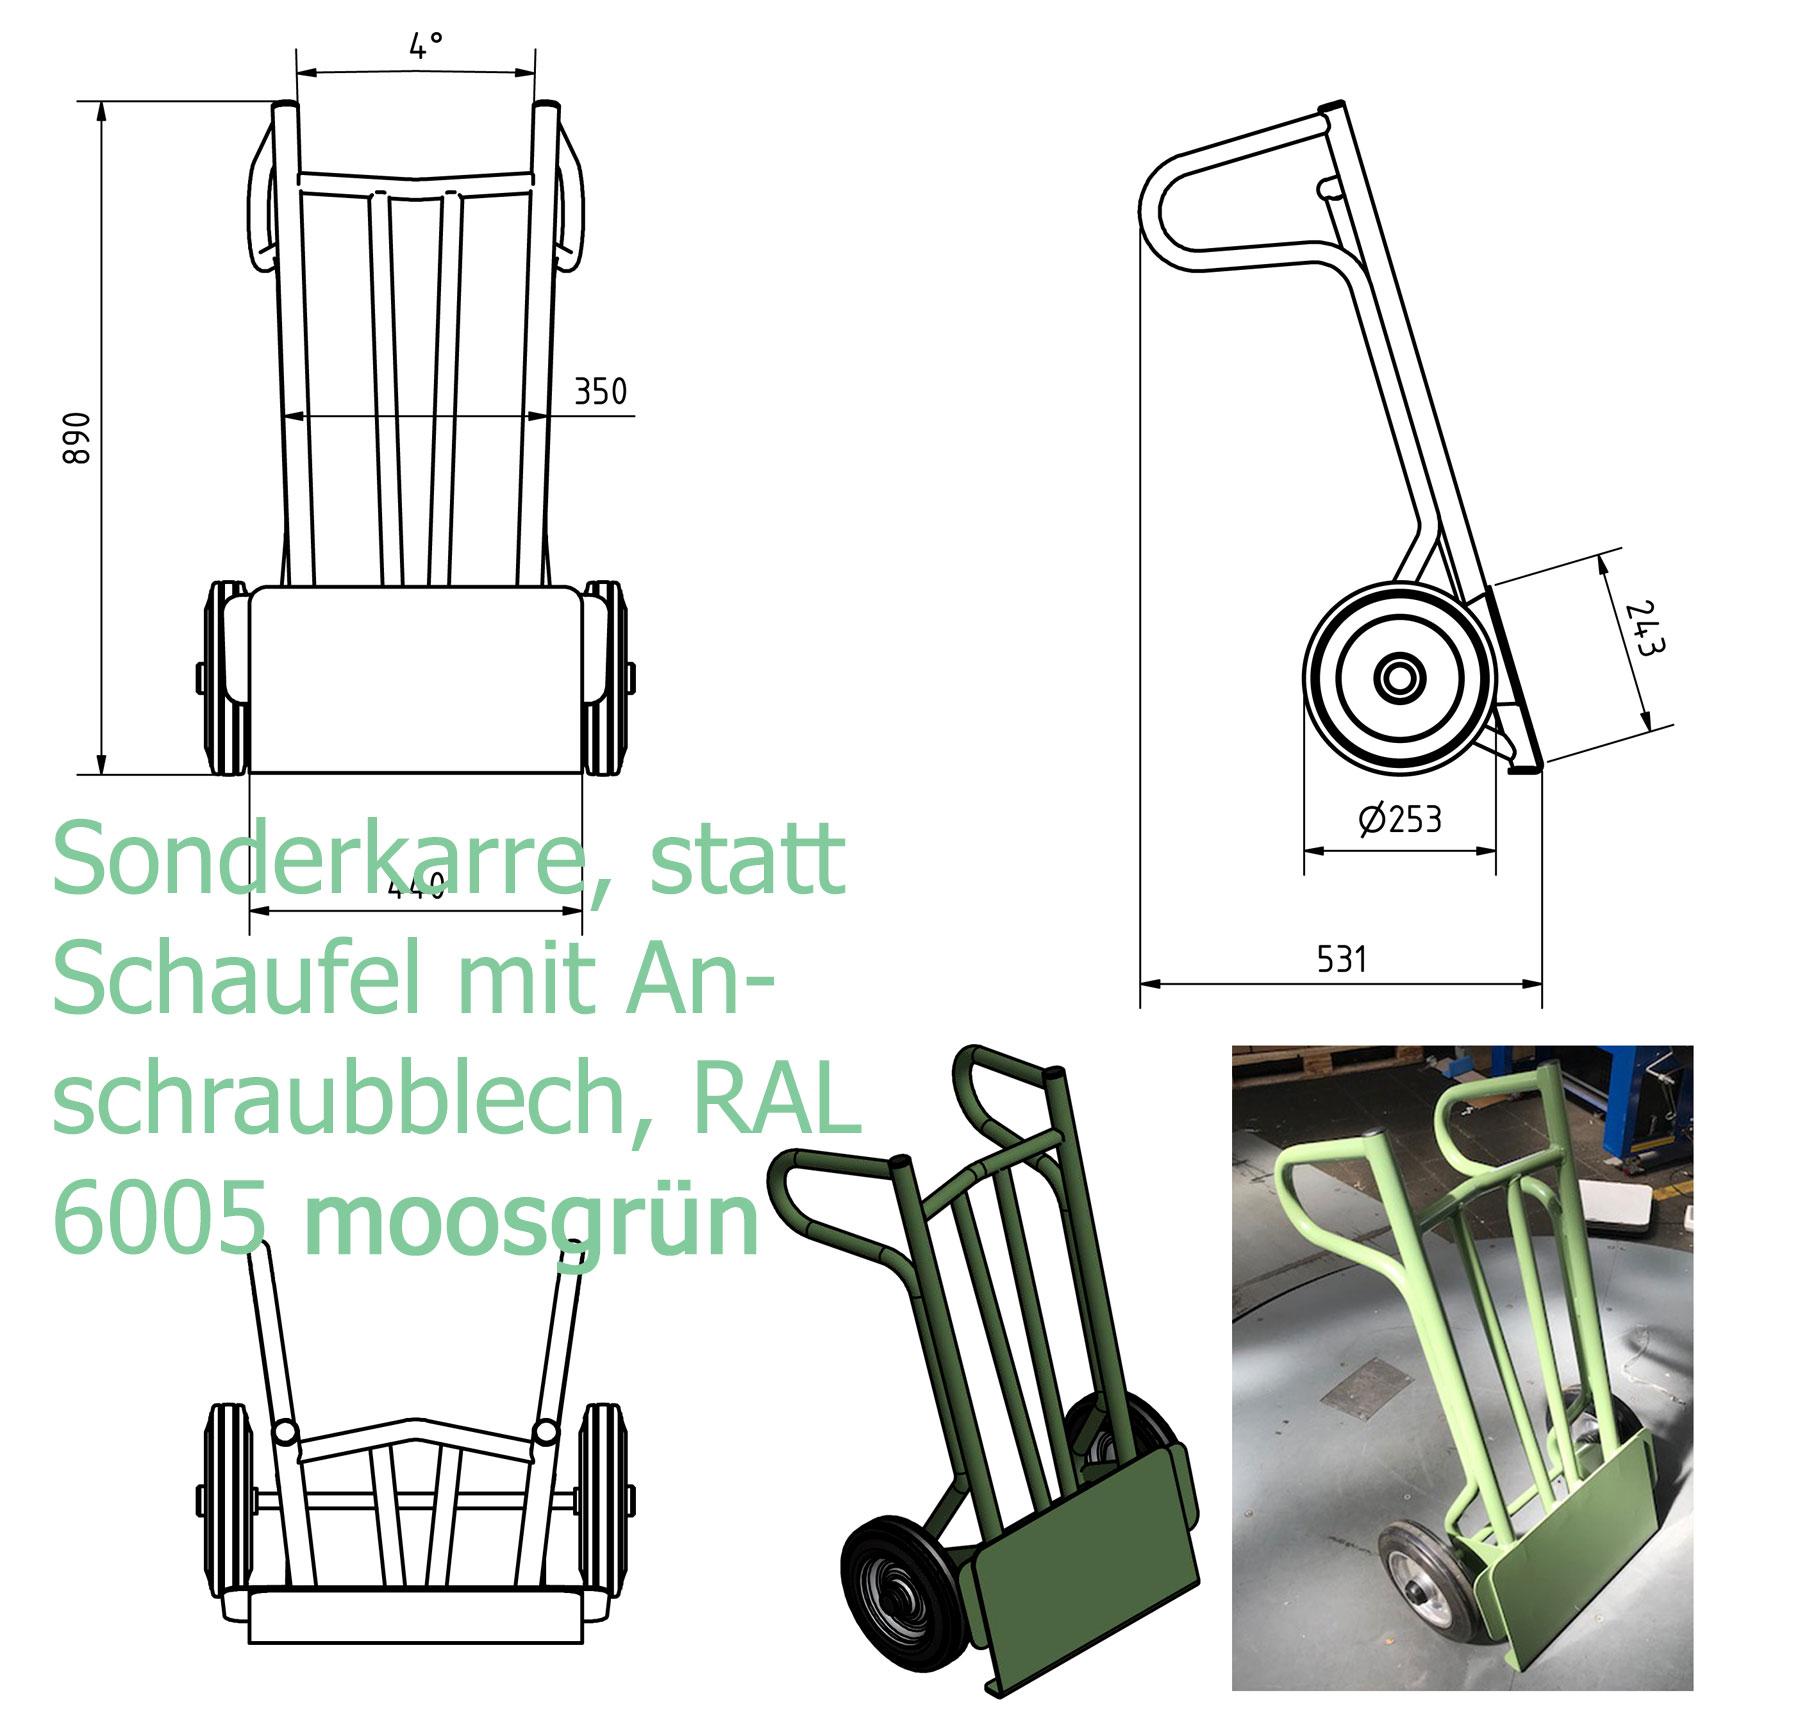 Sackkarre ohne Schaufel, dafür Montageblech - vorbereitet zum Anschrauben von Prüfgeräten, RAL 6005 #moosgrün pulverbeschichtet, Gummiräder